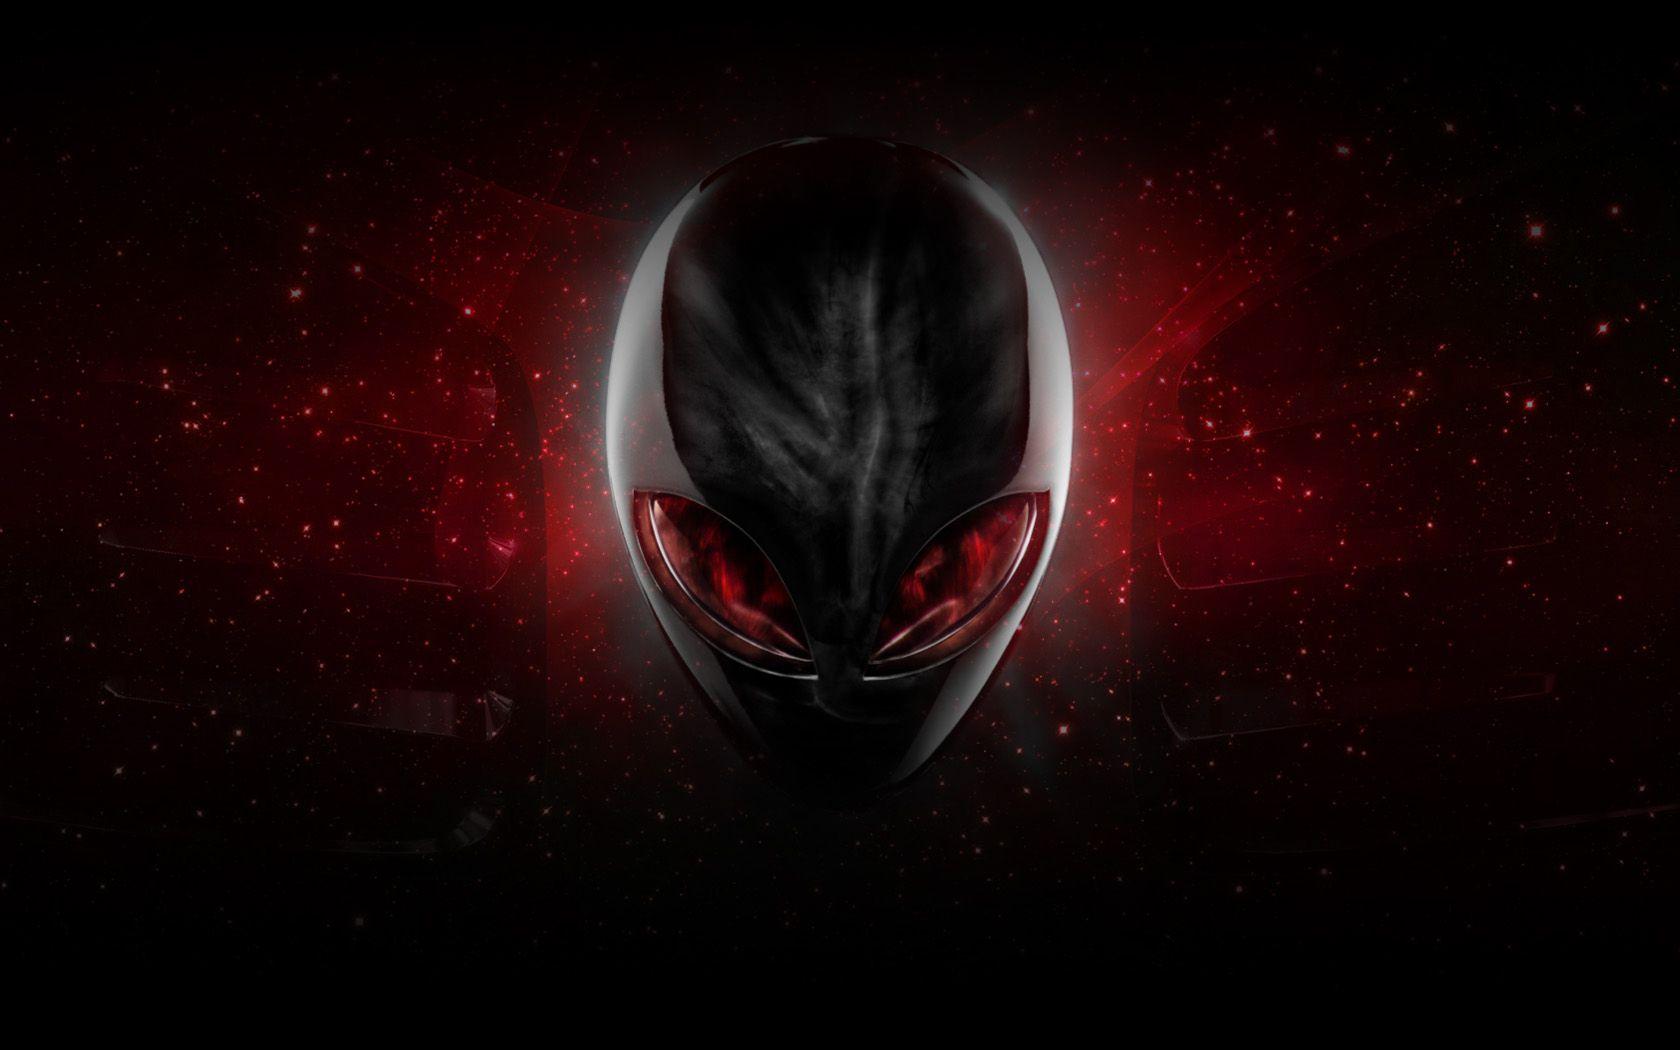 Alienware desktop background red alien head by - Alien desktop ...